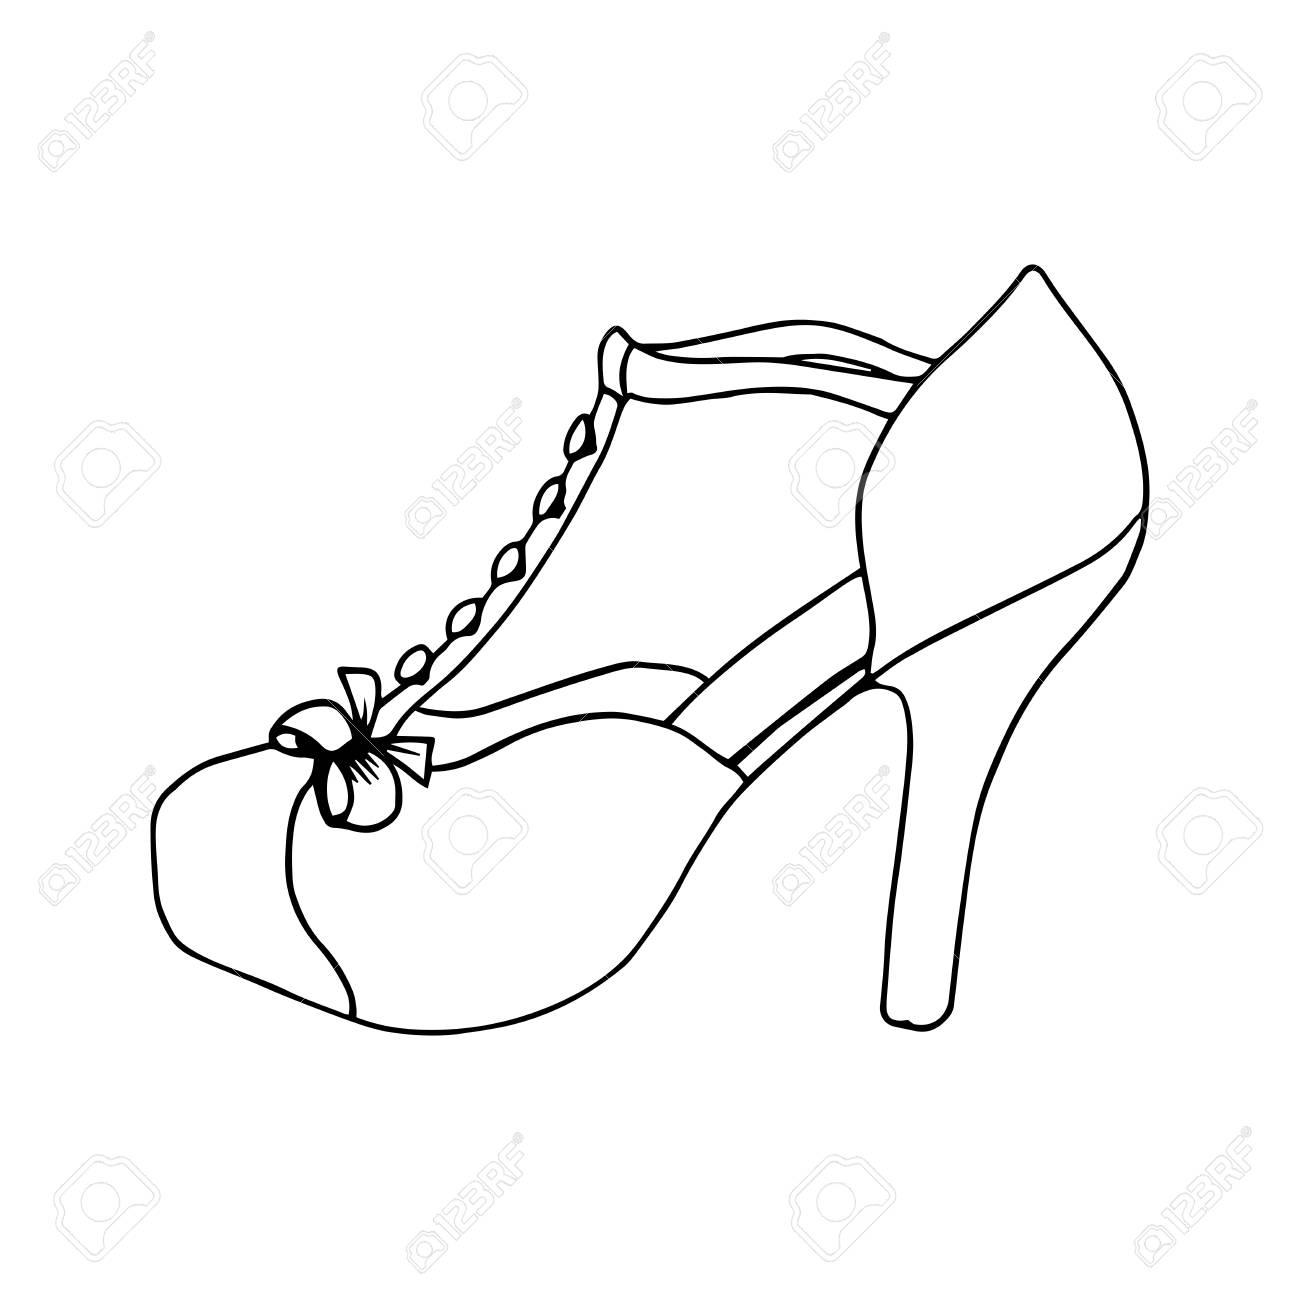 Zapatos De Tacón Alto Para Mujer Moda Obra Calzado Clipart Aislada Por Las Páginas Del Libro Para Colorear Diseño